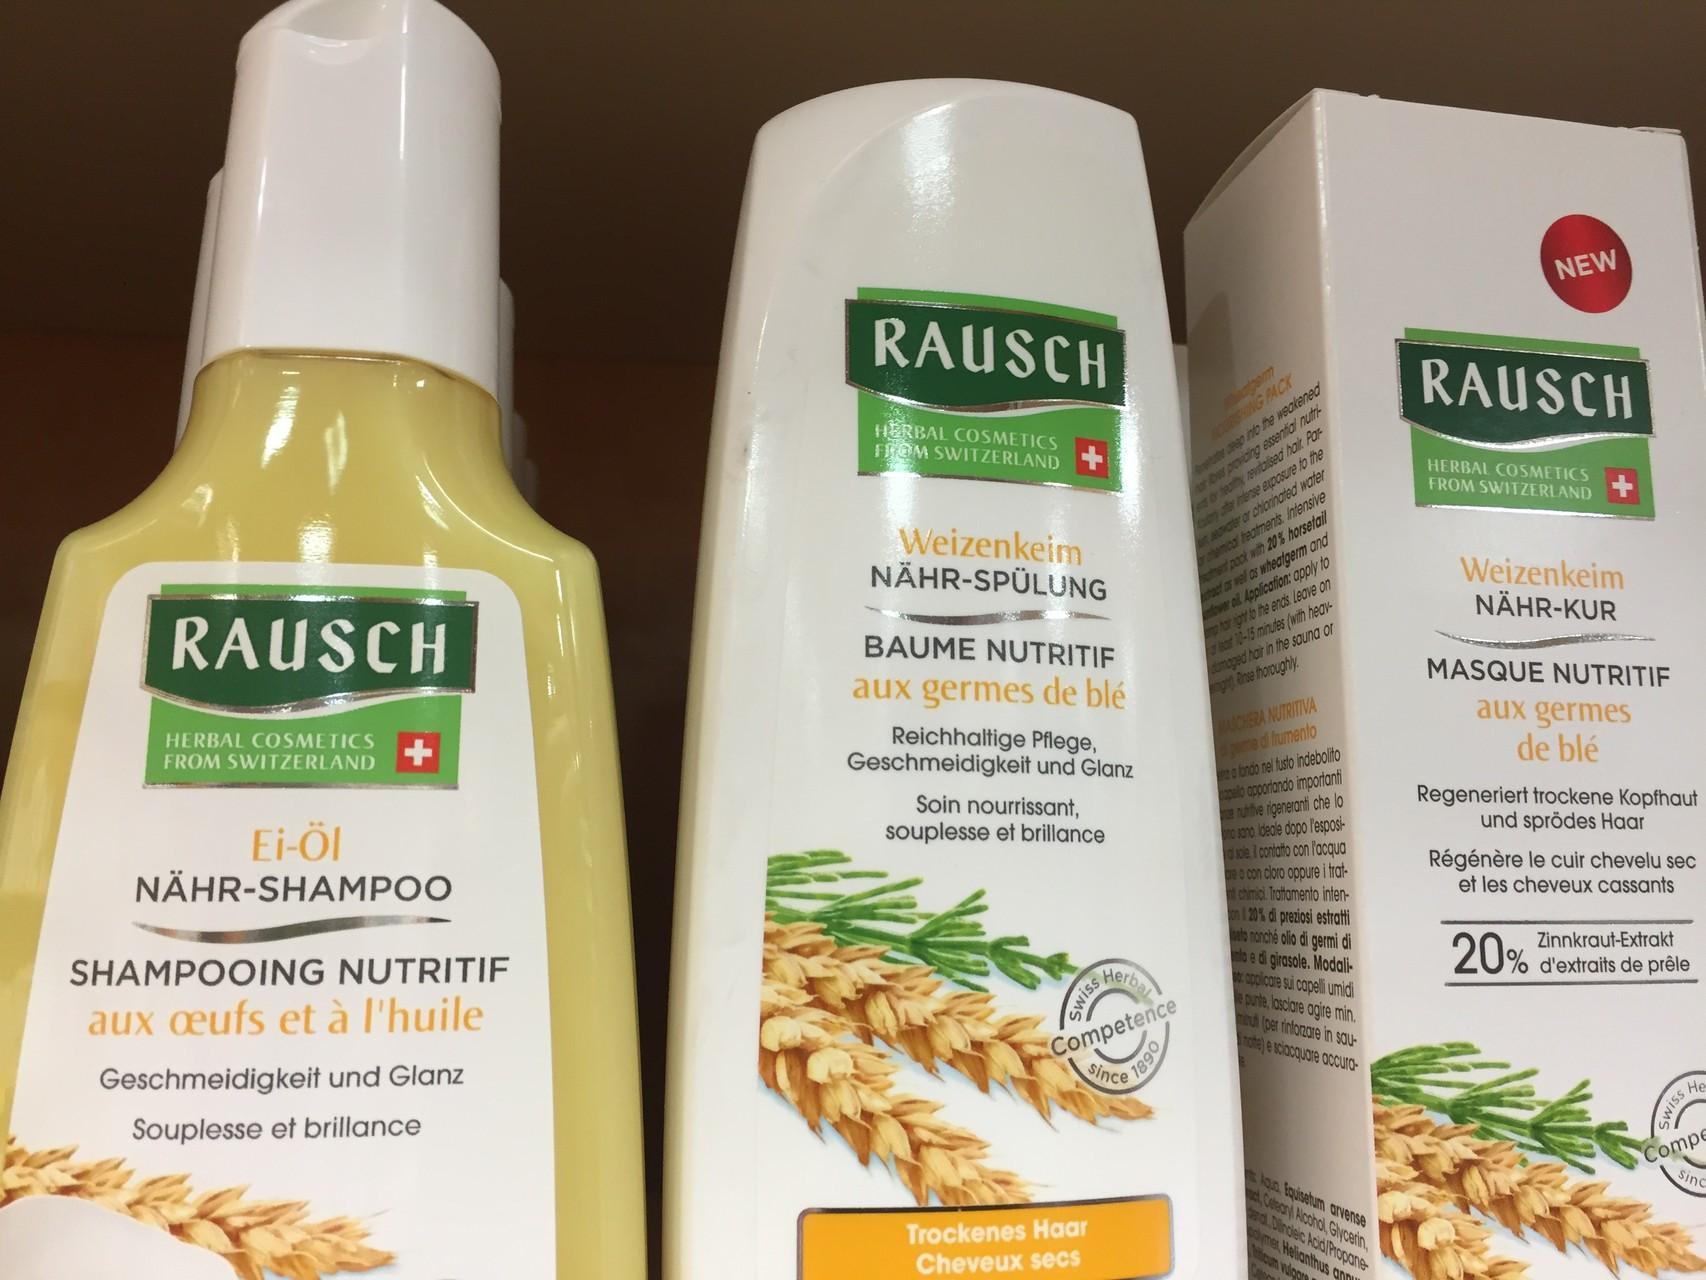 ... bei trockenem Haar: Ei - Öl Nähr - Shampoo, Weizenkeim Nähr - Spülung, Weizenkeim Nähr - Kur, Weizenkeim Feuchtigkeits - Spray mit UV Schutz.